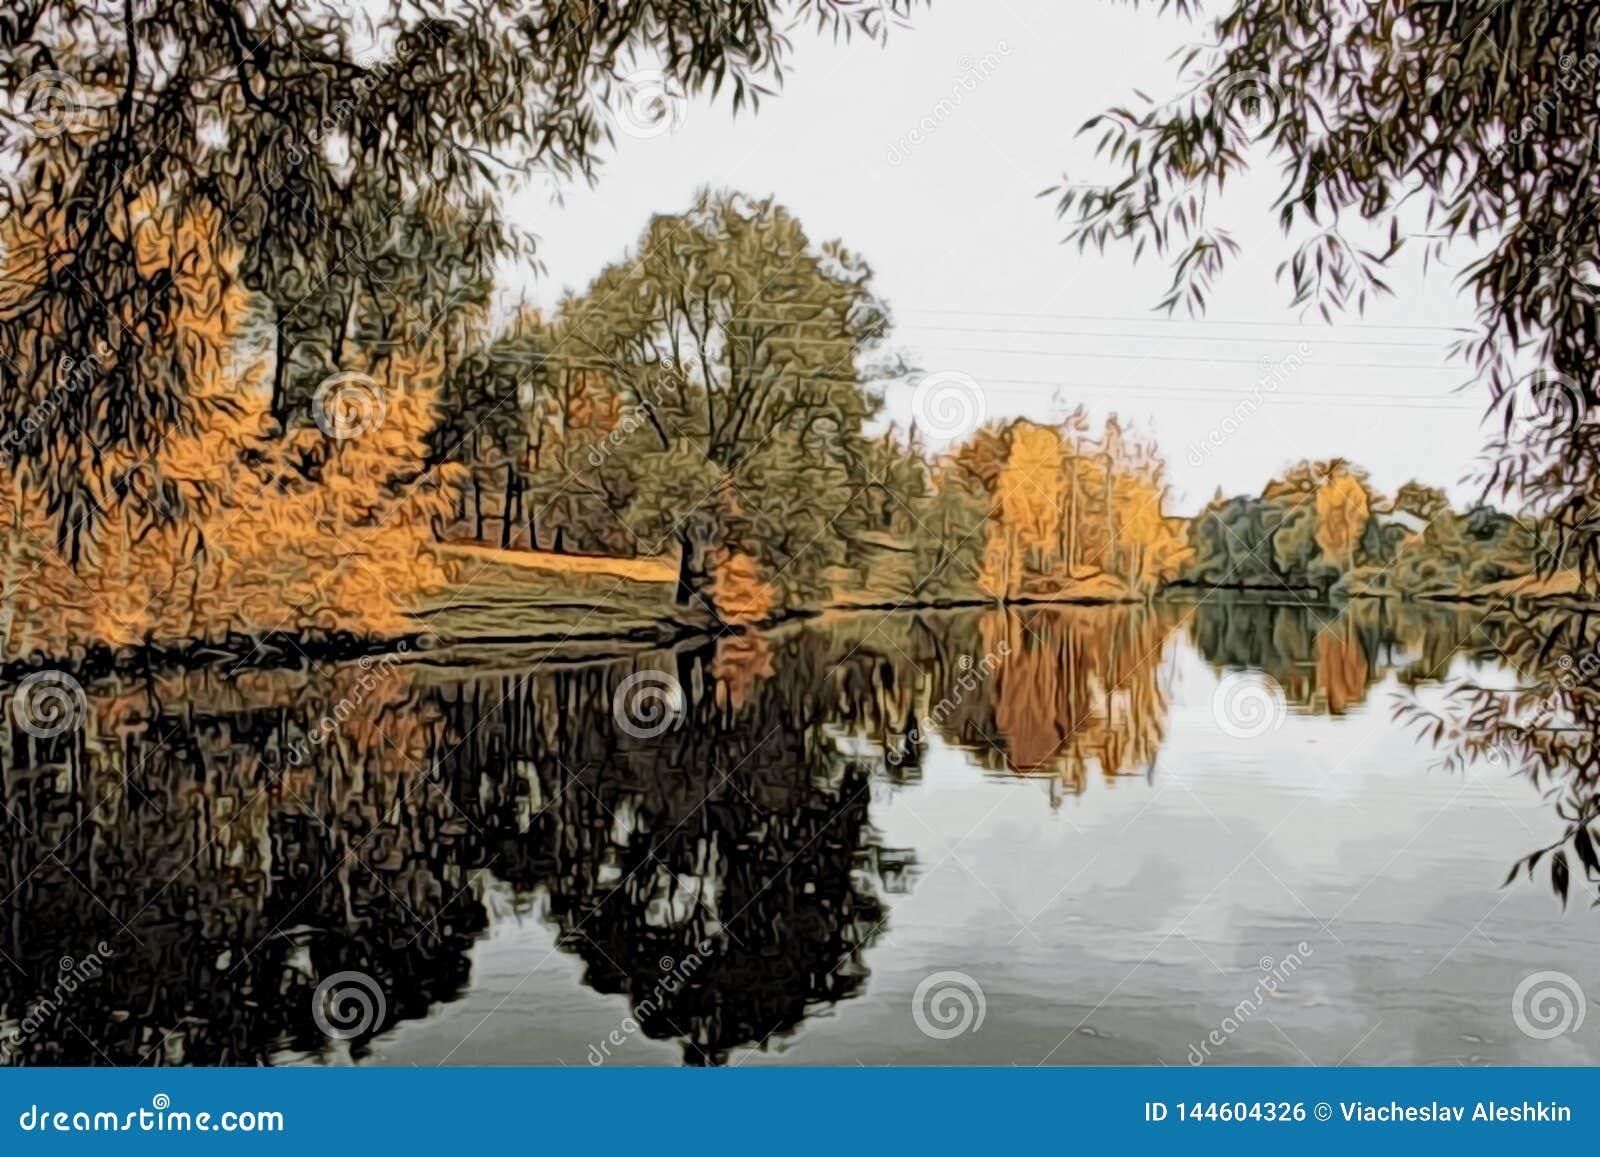 Ilustracja - jesień krajobraz z odbiciem w wodzie staw